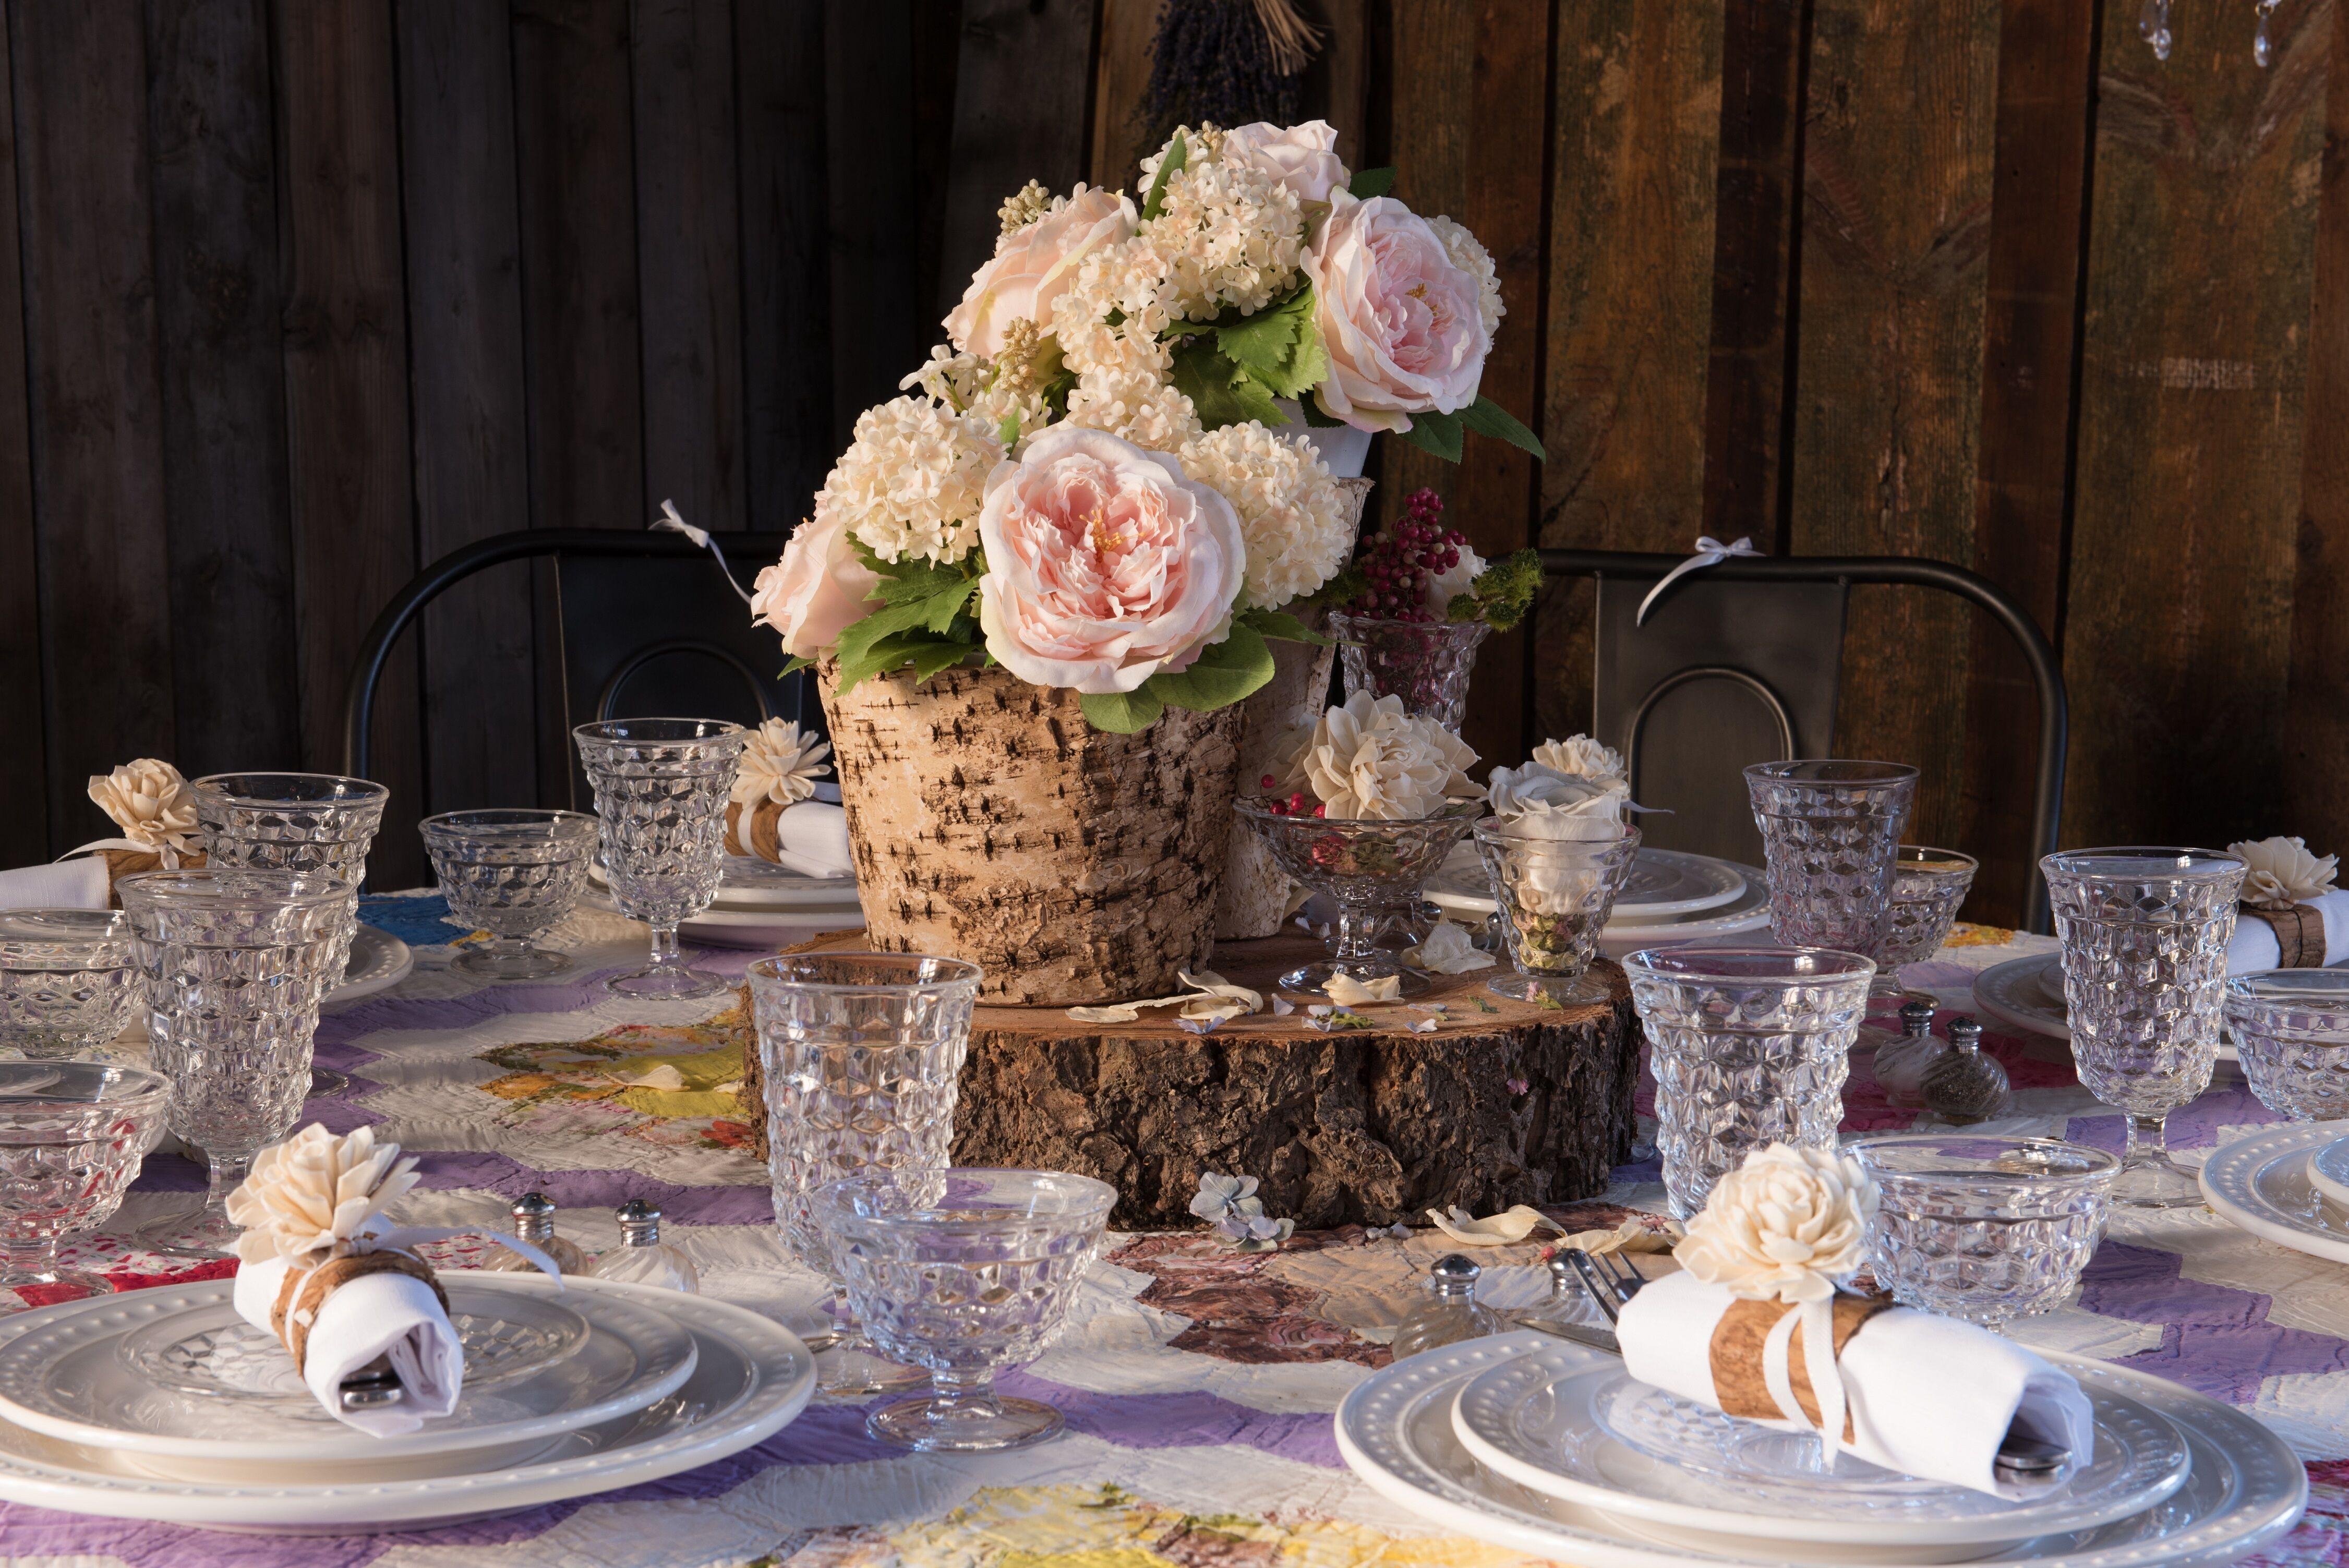 Rosauers wedding cakes